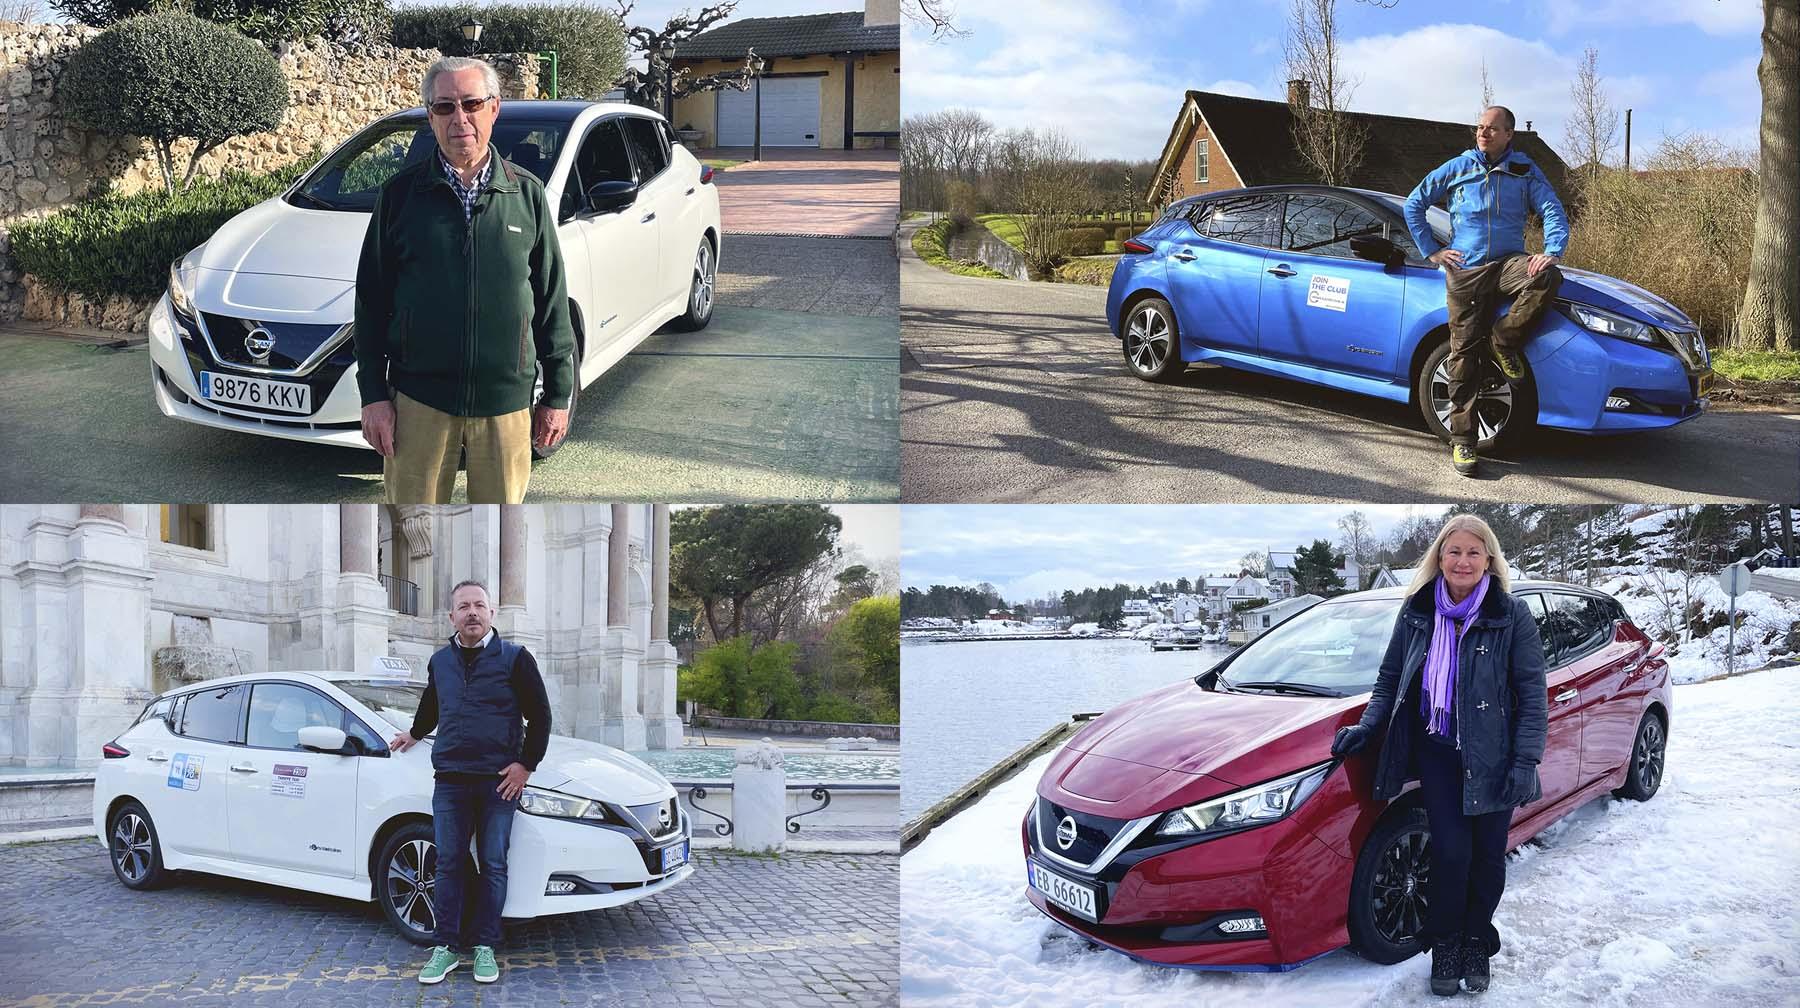 Main collage hq Οι Ευρωπαίοι οδηγοί EVs ταξιδεύουν περισσότερο, σύμφωνα με έρευνα της Nissan Electric cars, electric vehicles, EV, Leaf, Nissan, Nissan LEAF, ειδήσεις, ηλεκτρικά, ηλεκτροκινηση, Νέα